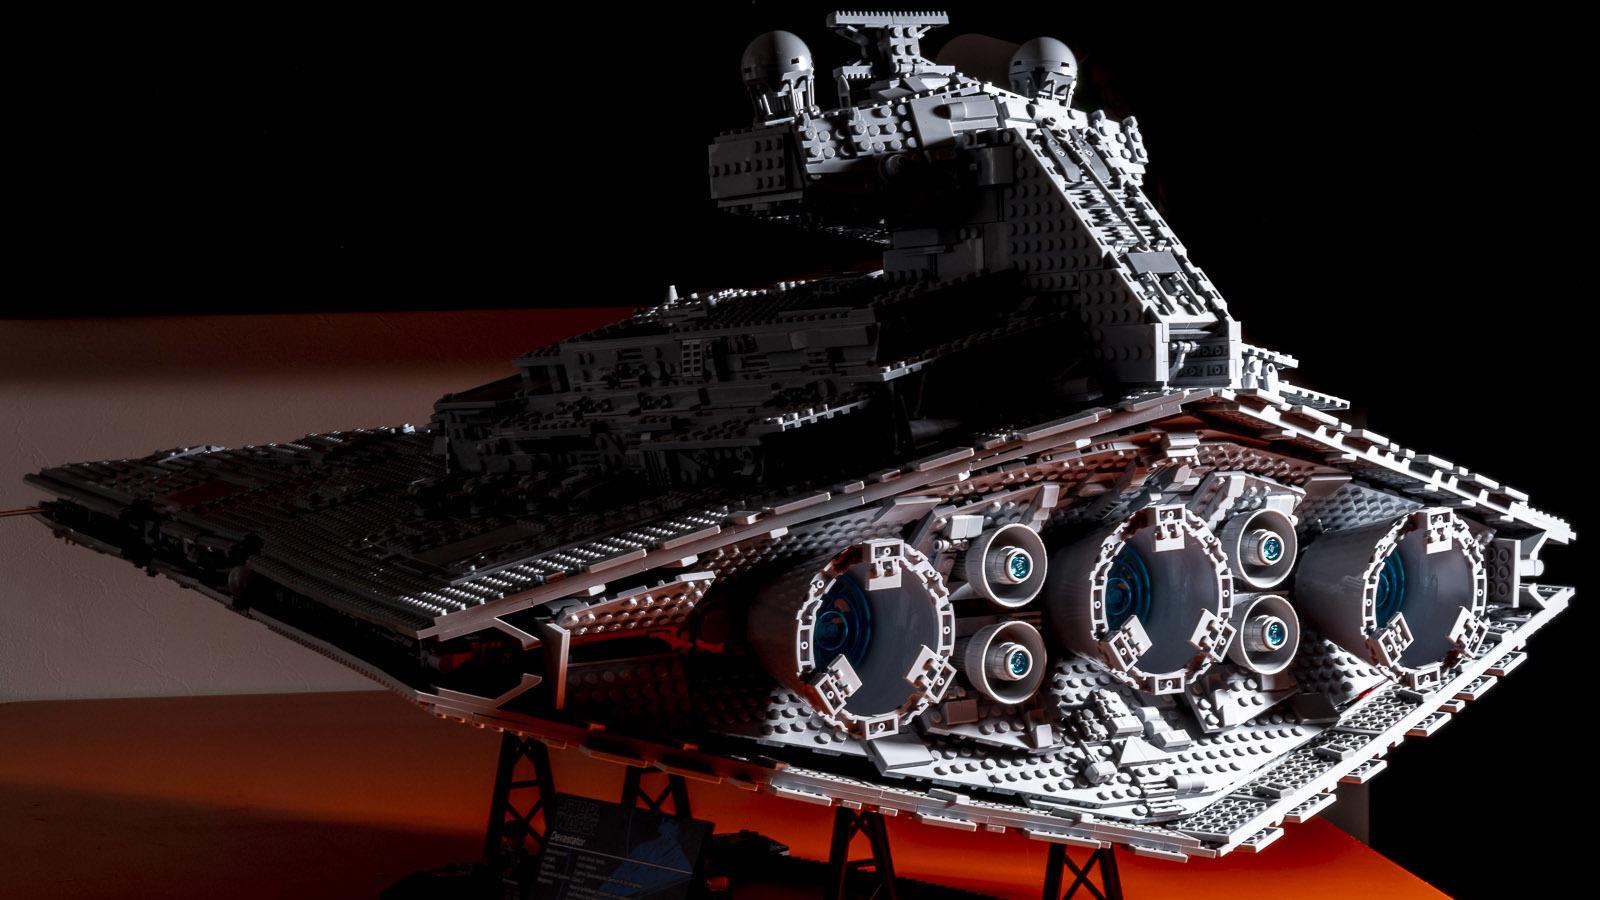 全長1mオーバー、LEGOで組む巨大なスター・デストロイヤーに本物の「優しさ」を感じた話_b0029315_18351080.jpg